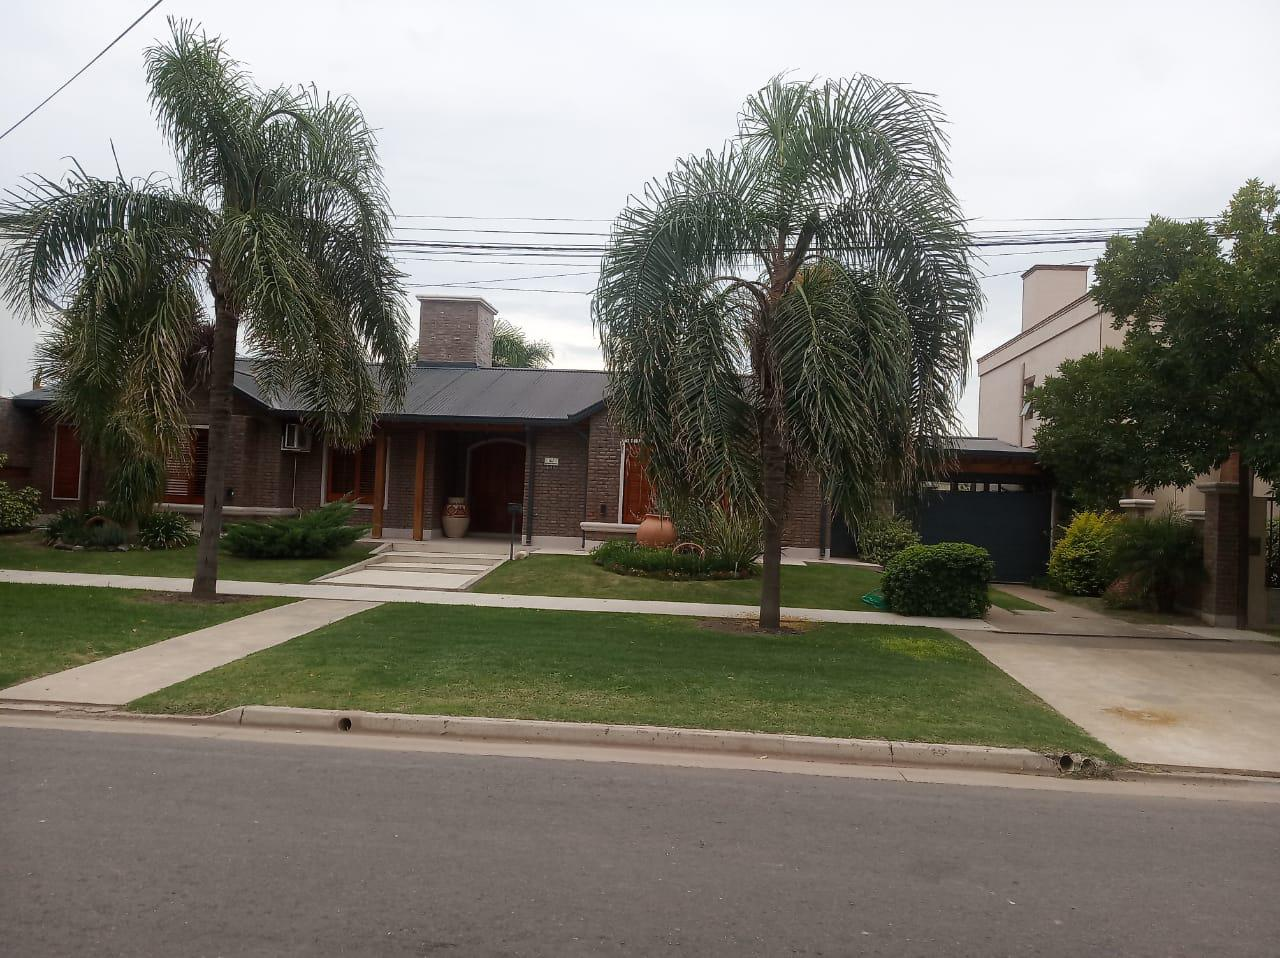 Suipacha 429-435 - Gaggiotti Inmobiliaria cuenta con más de 50 años desde que se inicio en el negocio de los servicios inmobiliarios.